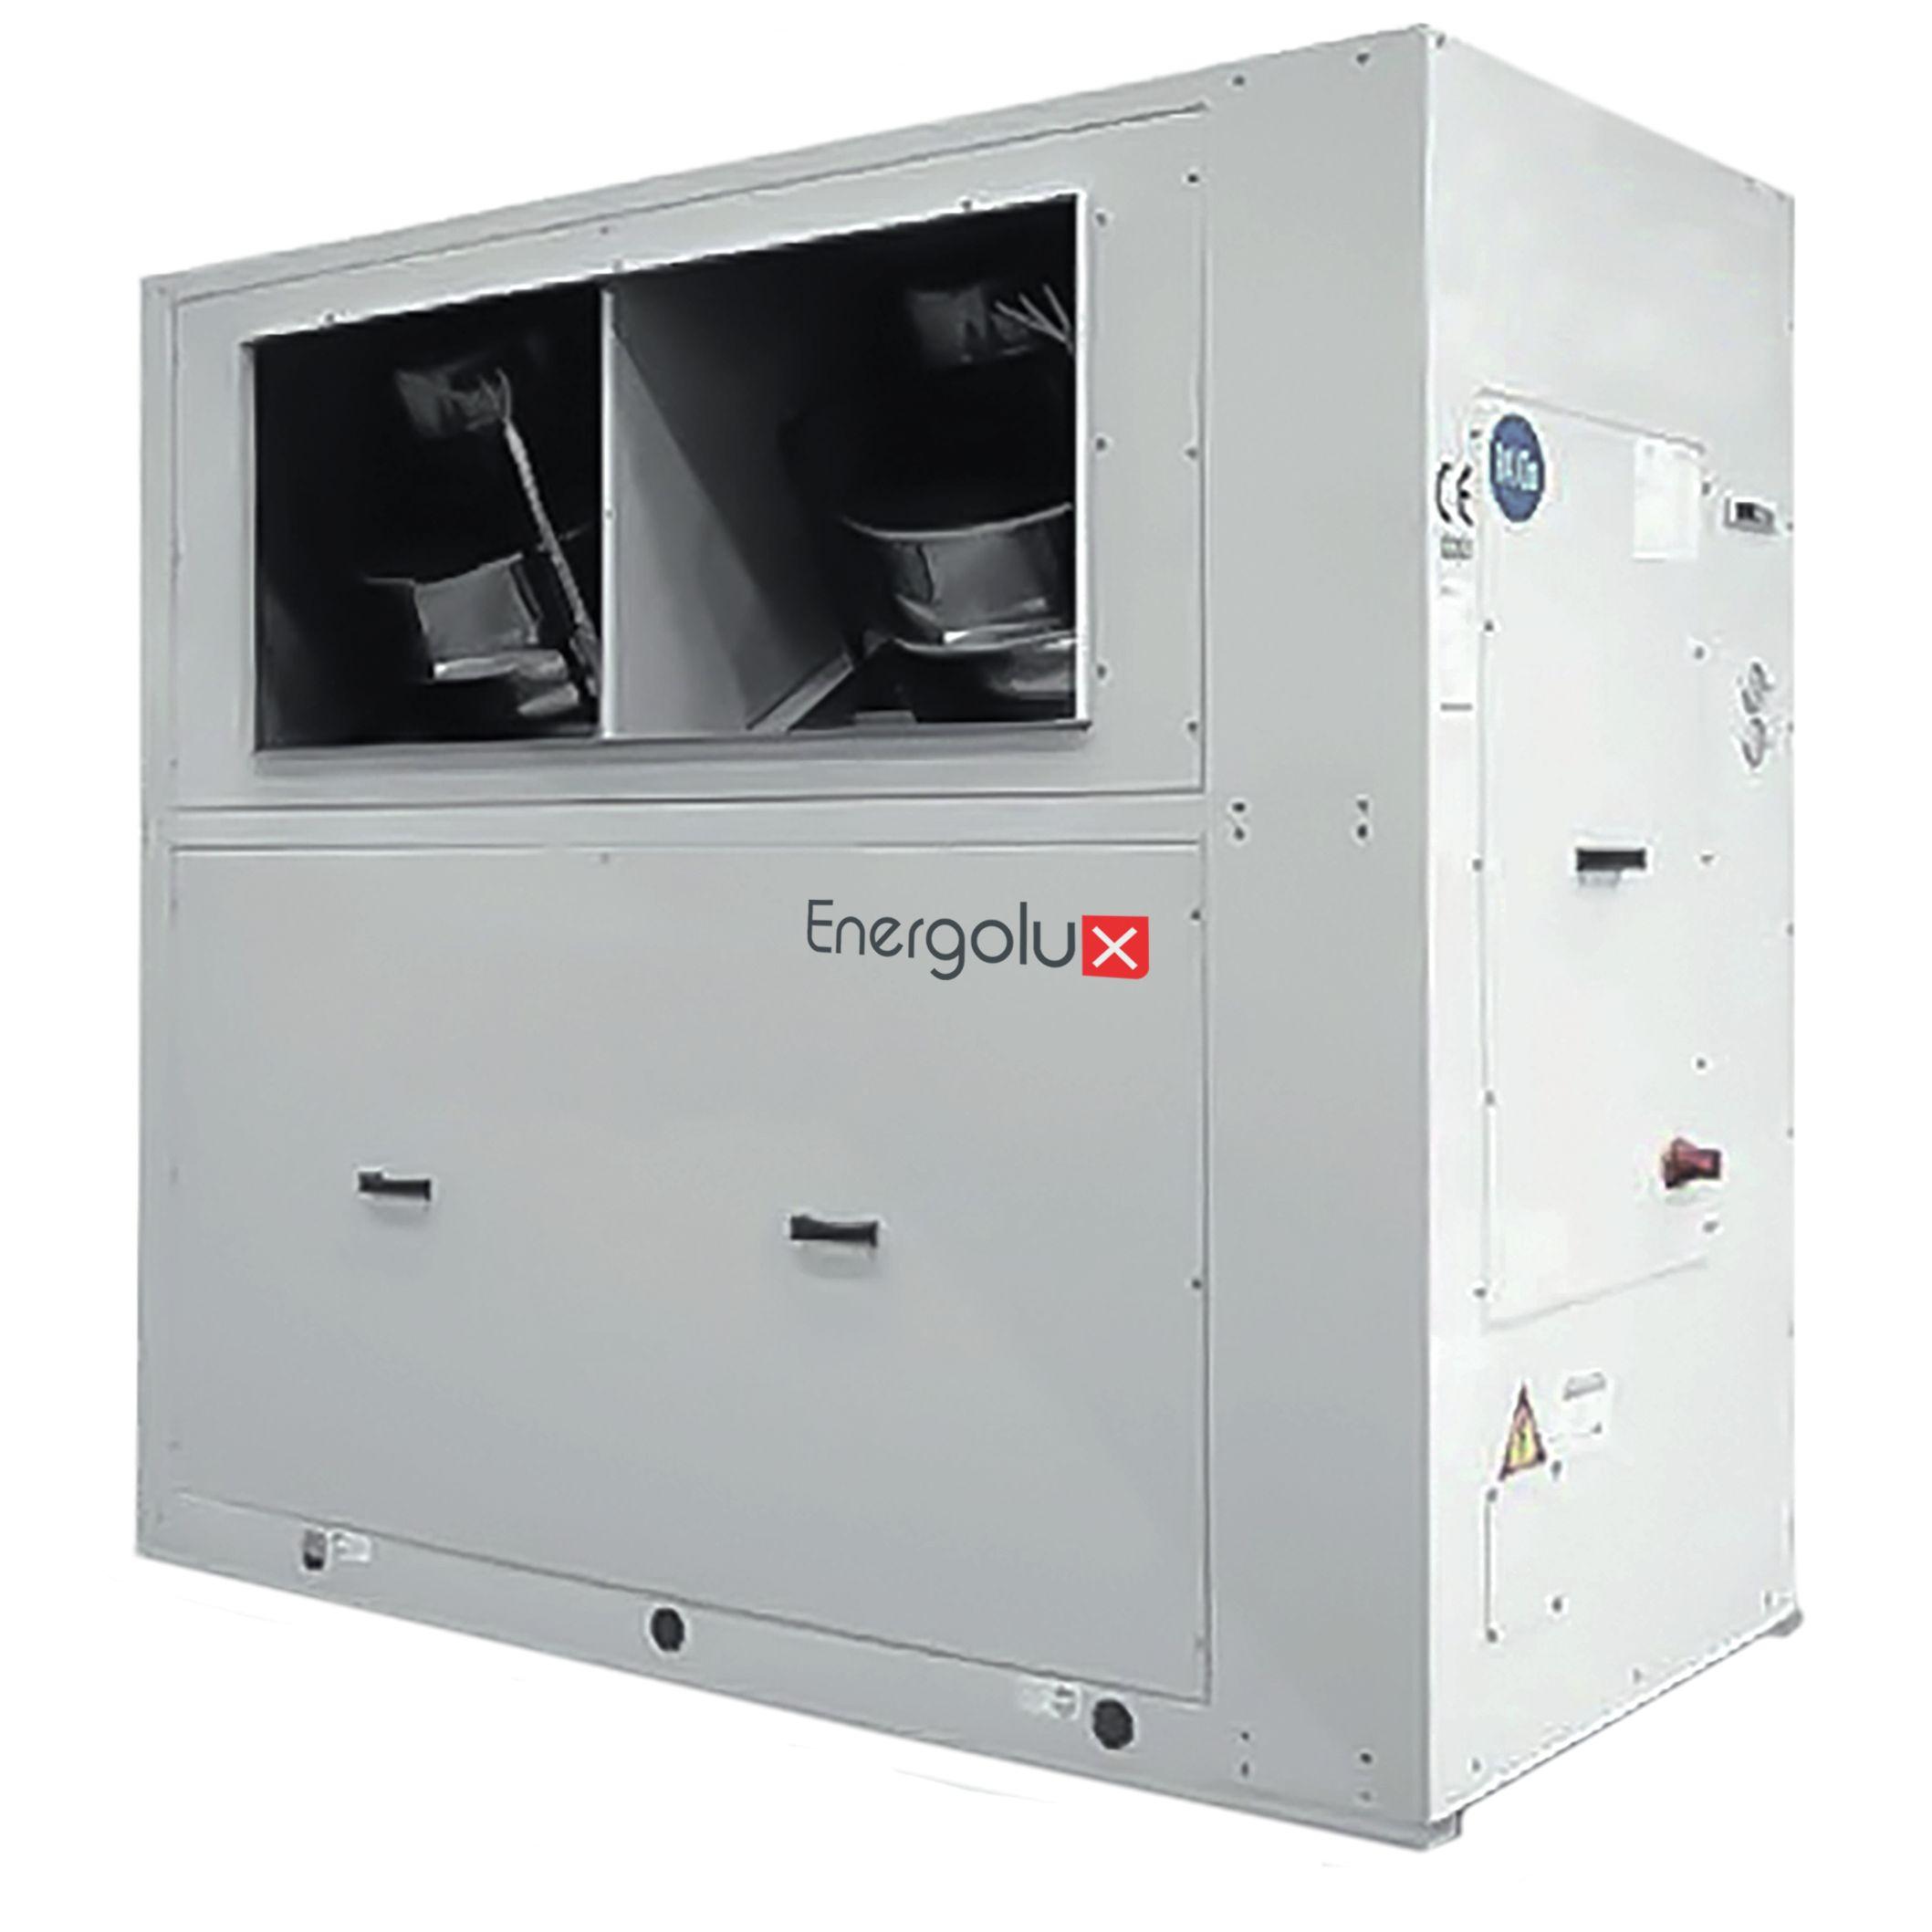 Energolux SCAW-I-T 150 Z